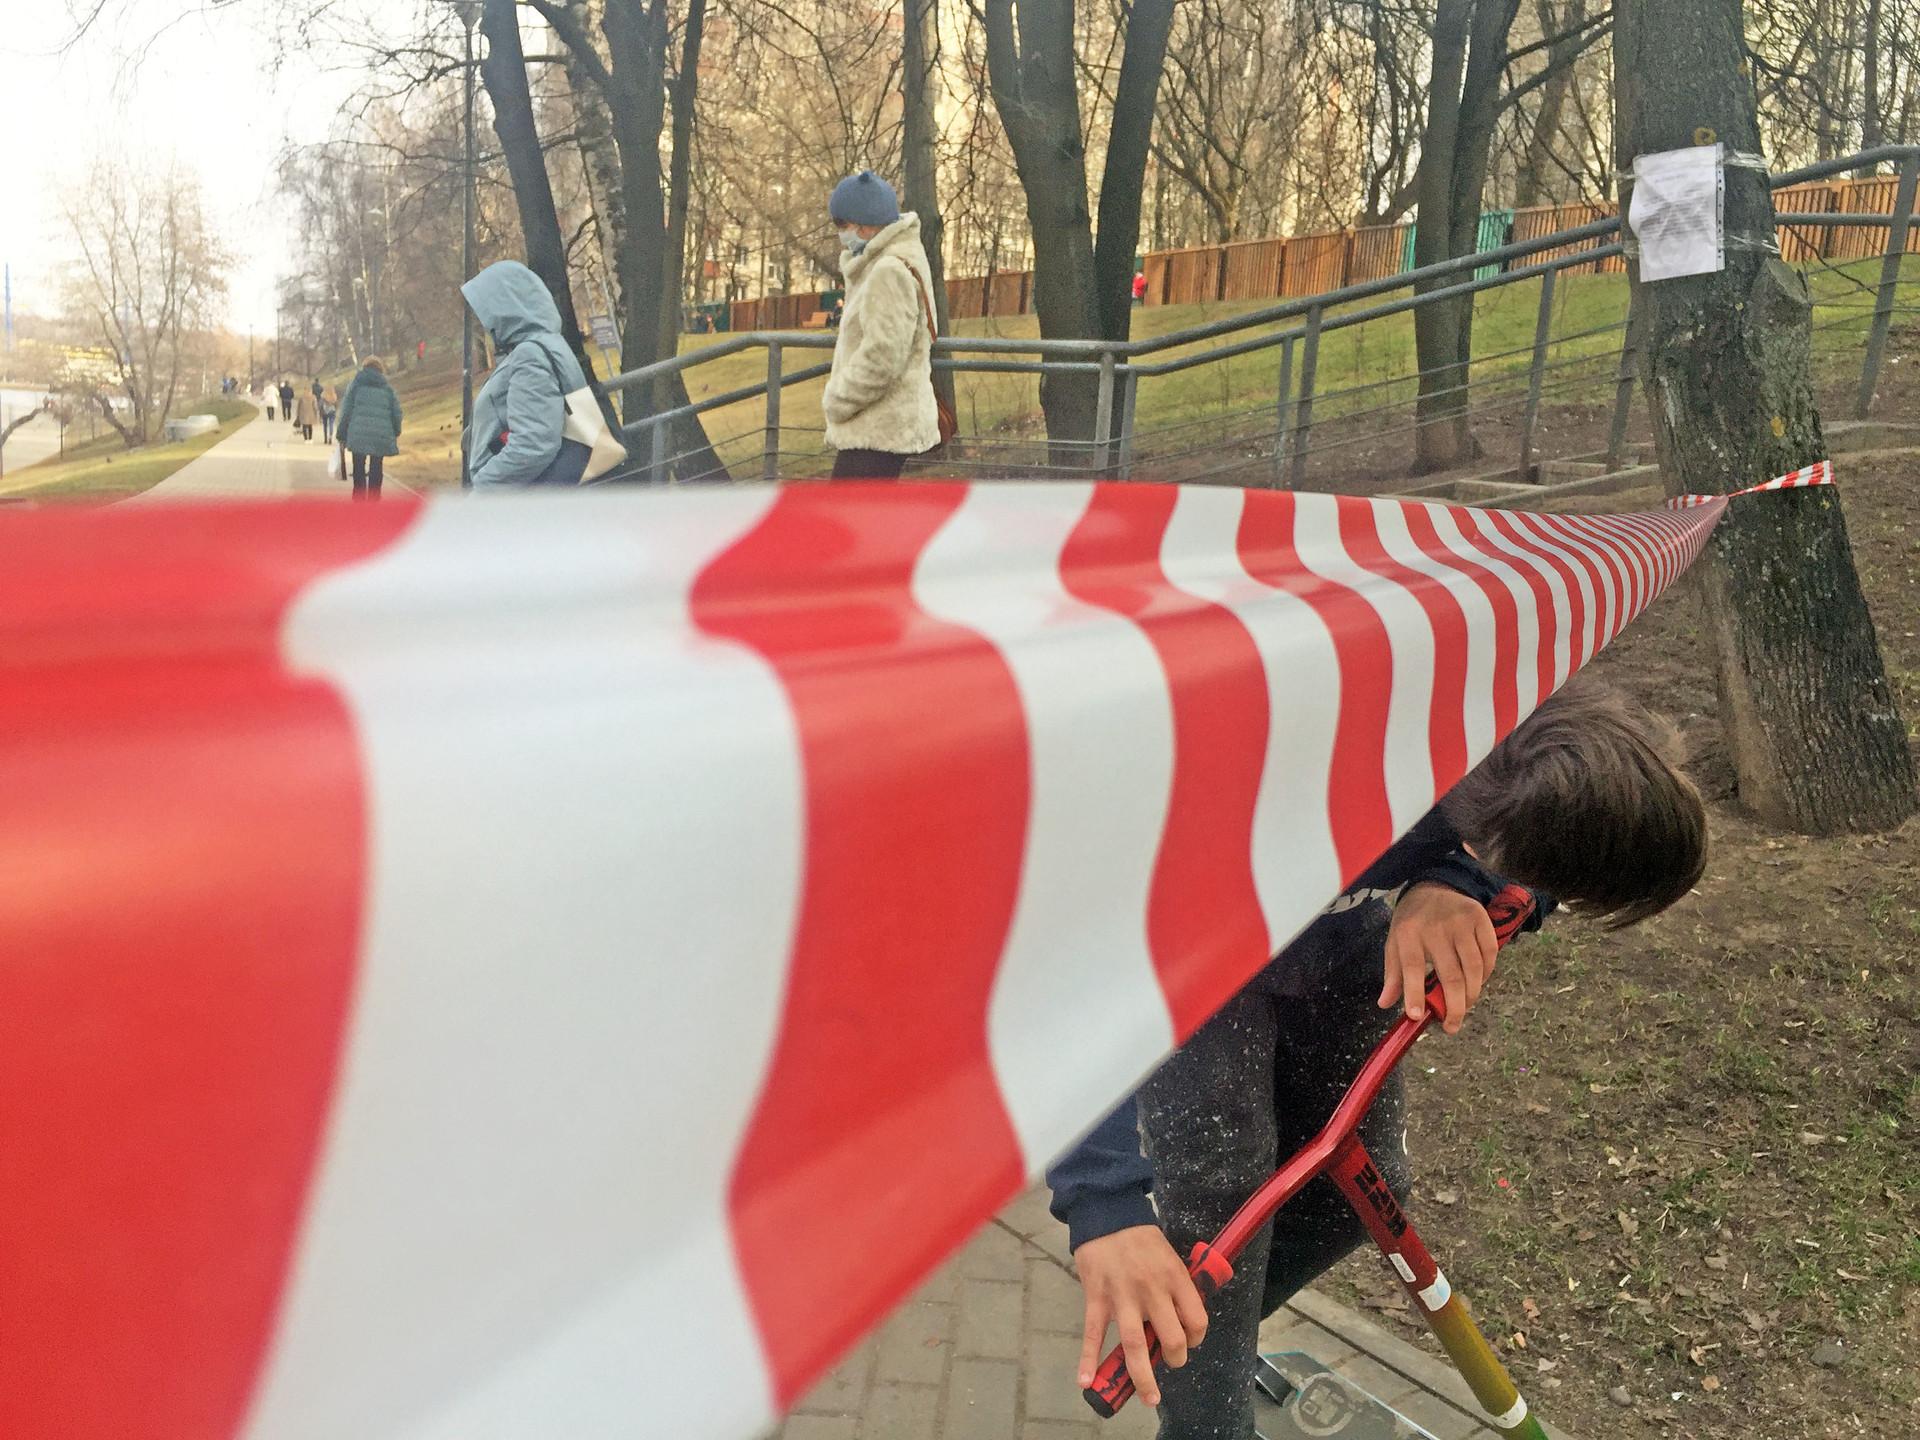 Warga menerobos garis pembatas di sebuah taman di kawasan Moskow.